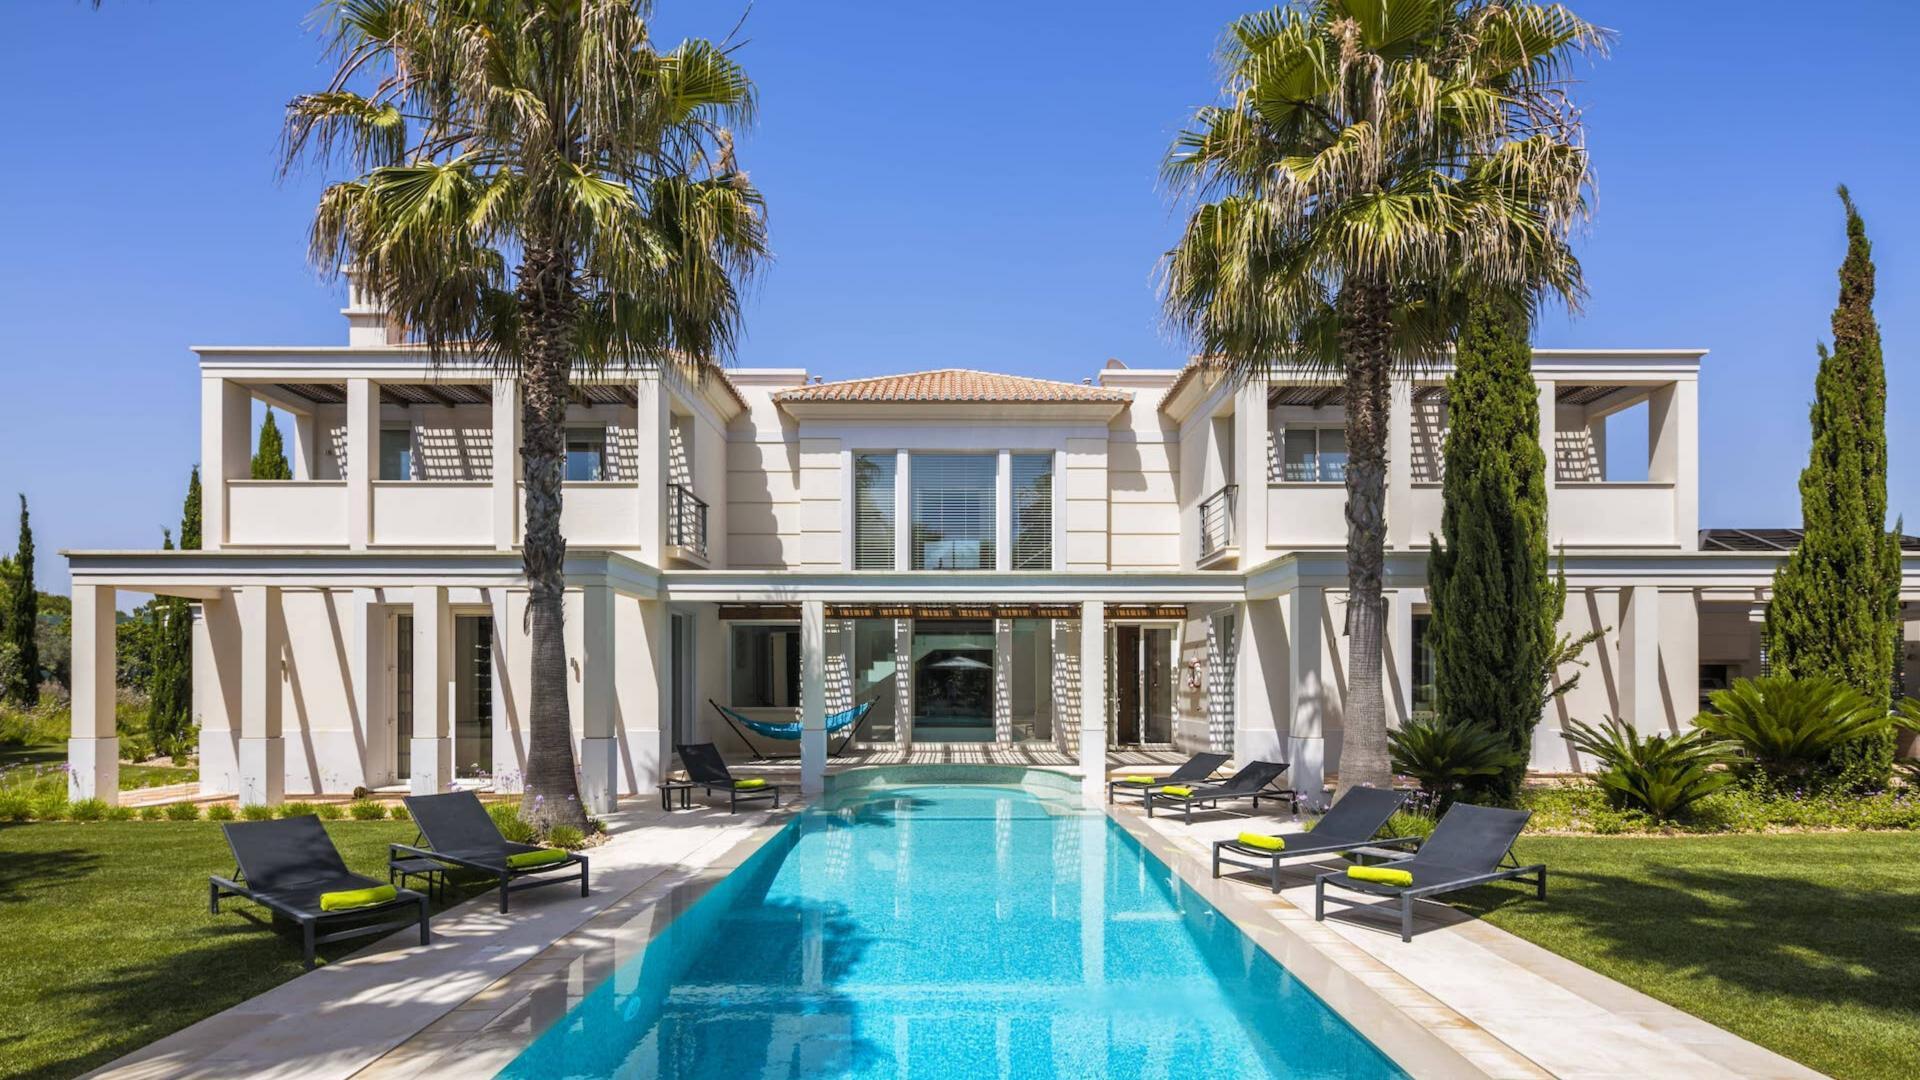 Casa Brazil - Quinta do Lago, Algarve - 1.png